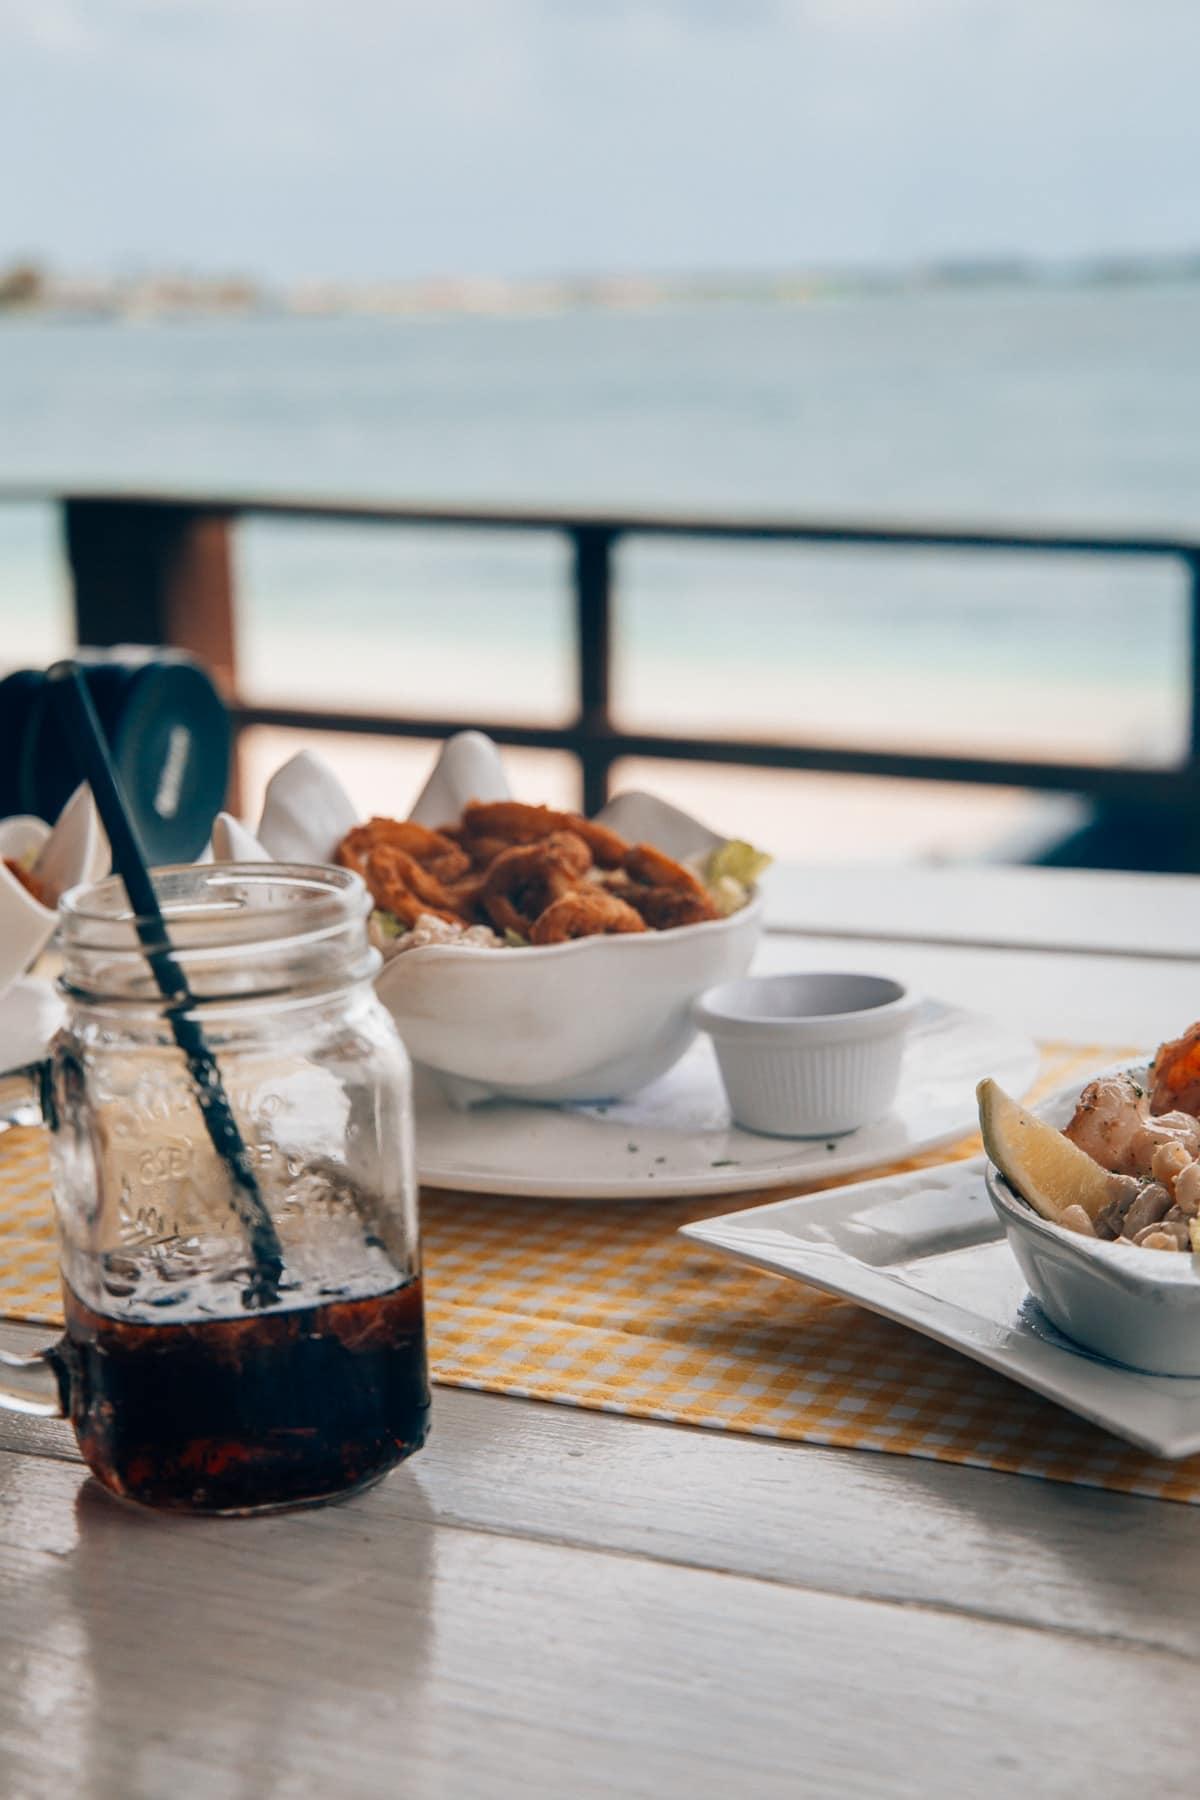 Top Food Spots auf Aruba: Karibisches Essen im The West Deck in Oranjestad